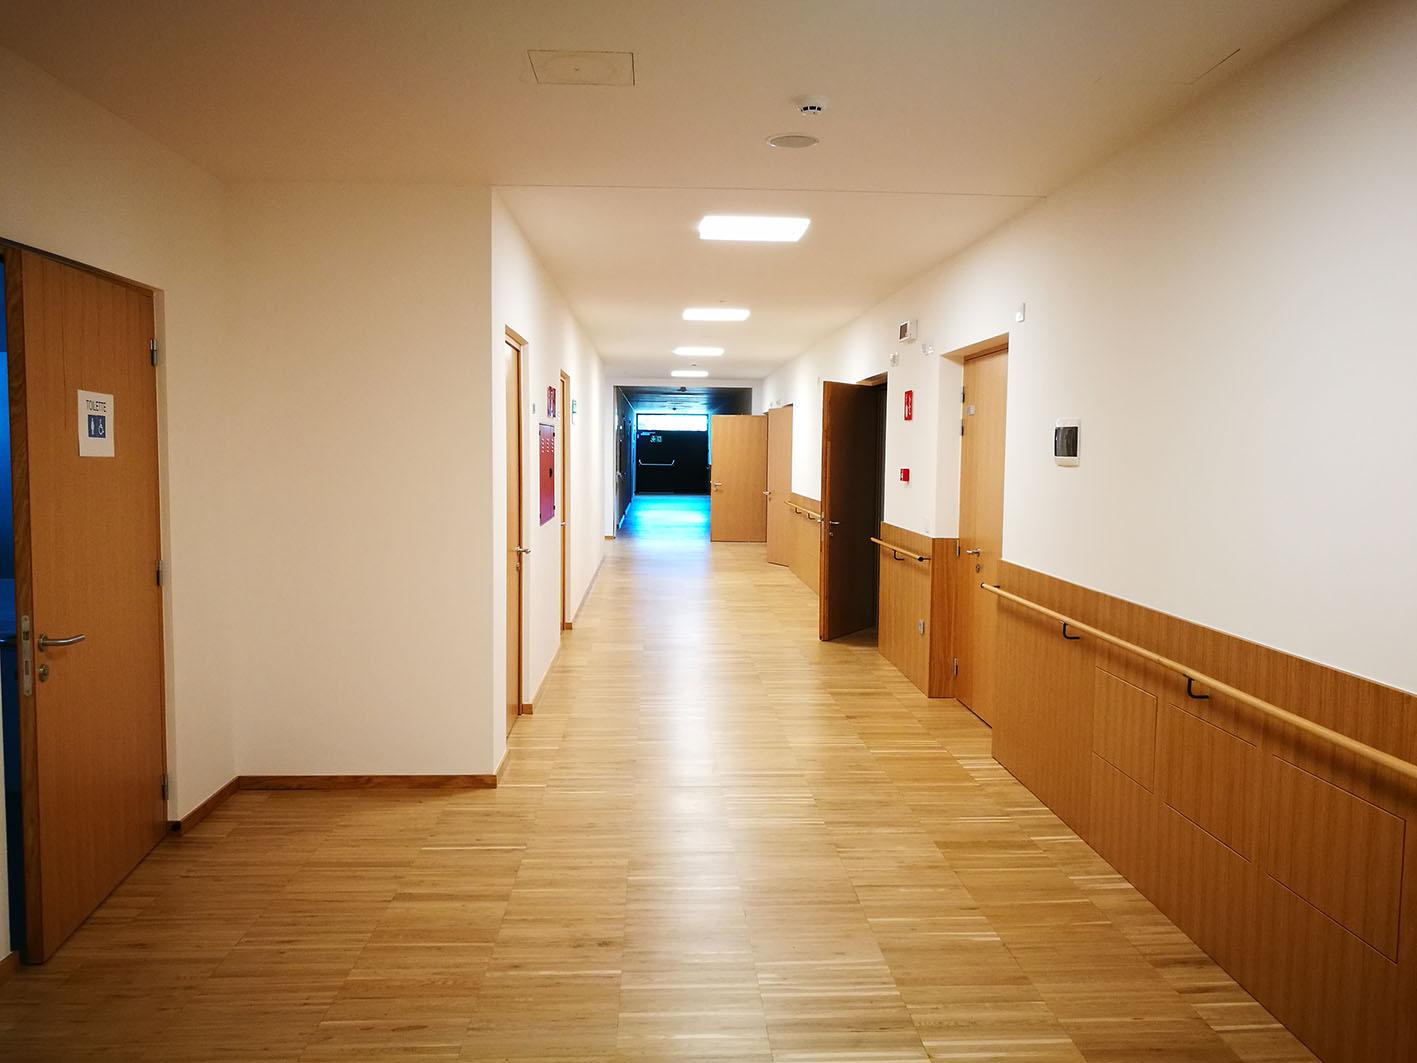 RSA Civo corridoio